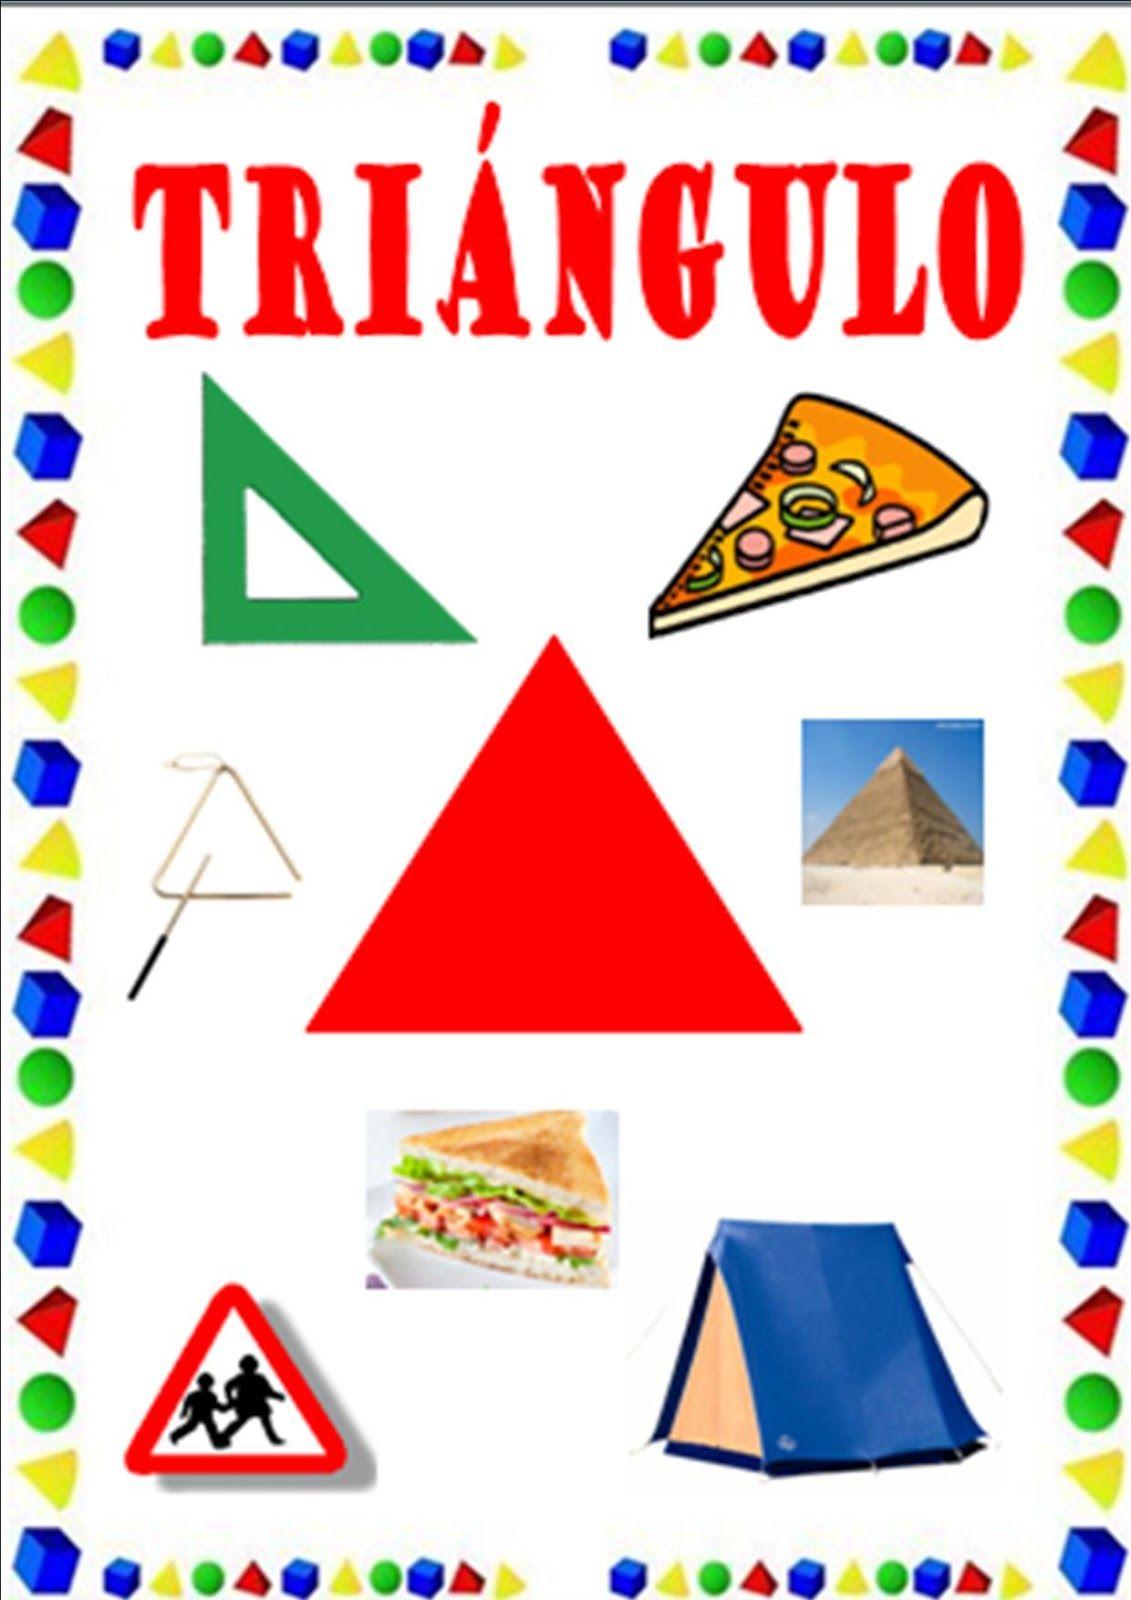 08formasgeometricas Figuras Geometricas Para Preescolar Figuras Y Cuerpos Geometricos Figuras Geometricas Planas